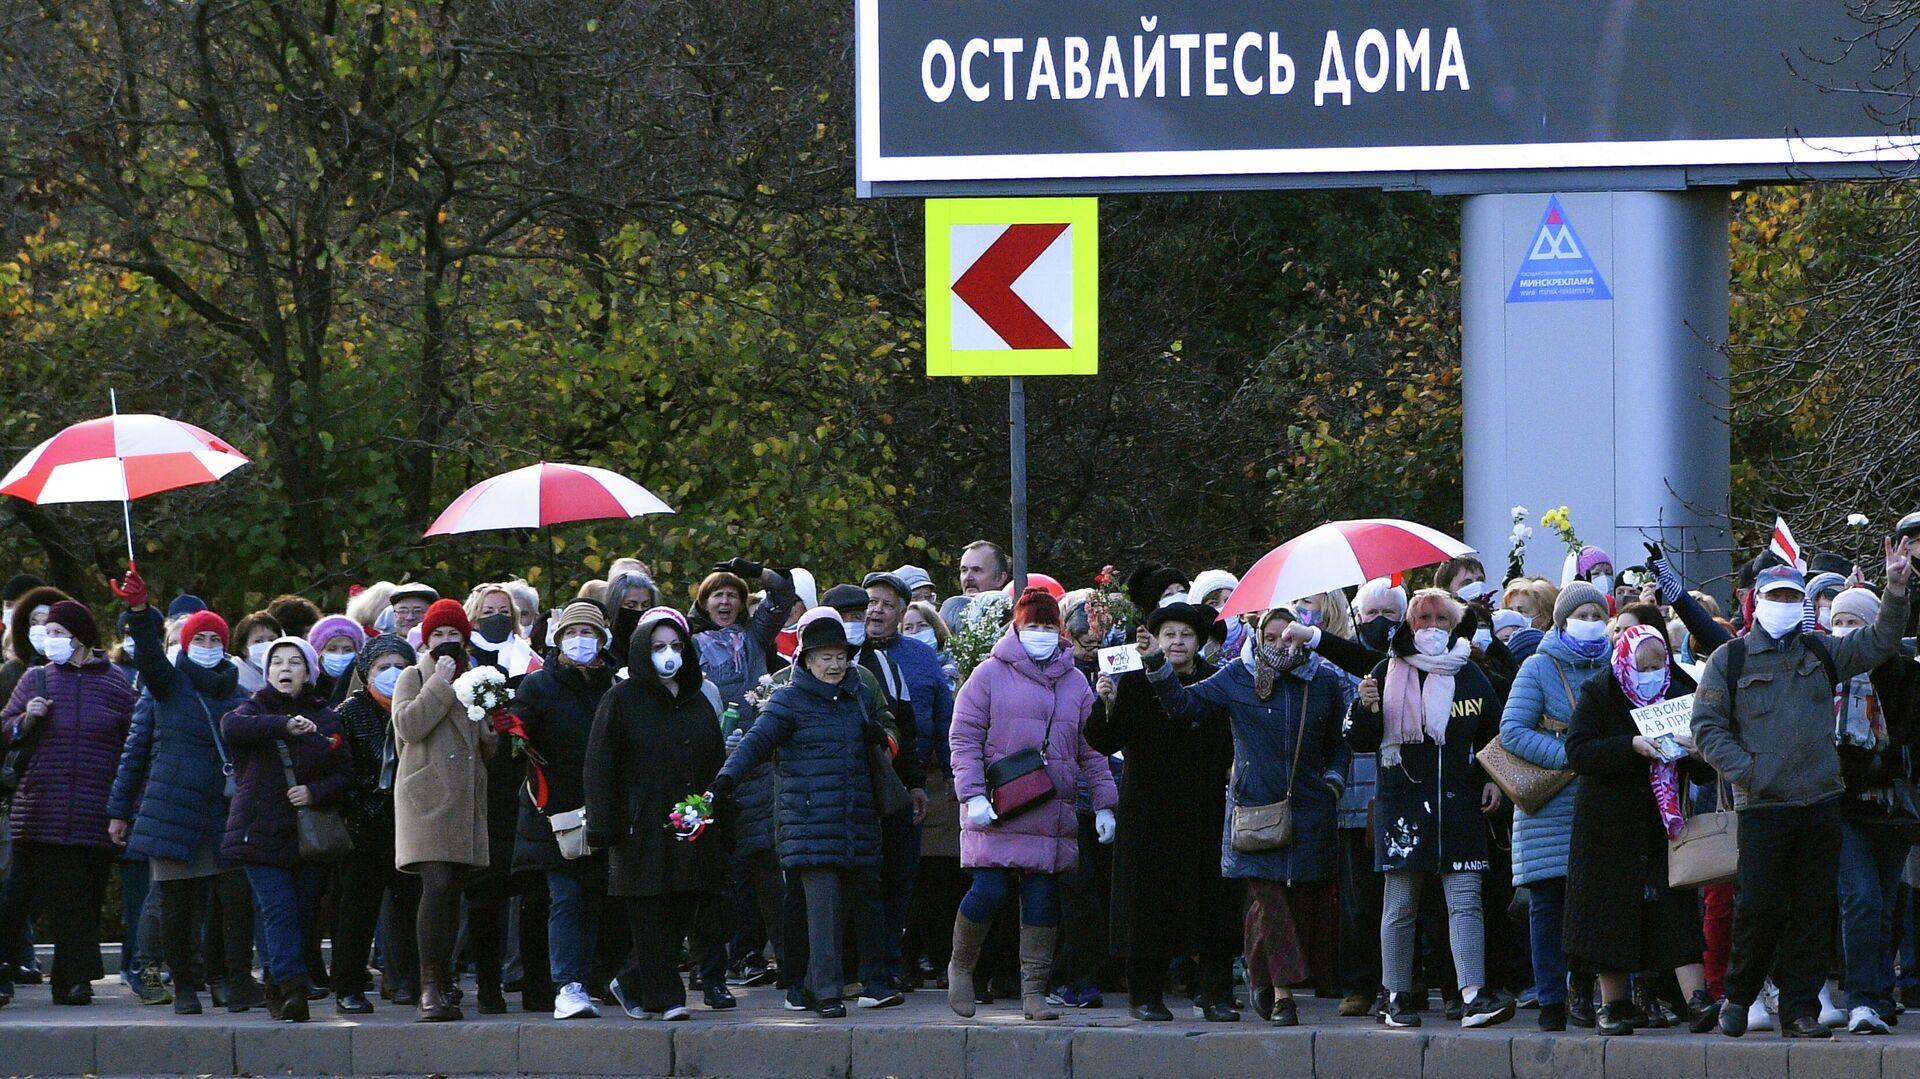 Участники акции протеста пенсионеров Марш мудрости в Минске - РИА Новости, 1920, 10.11.2020